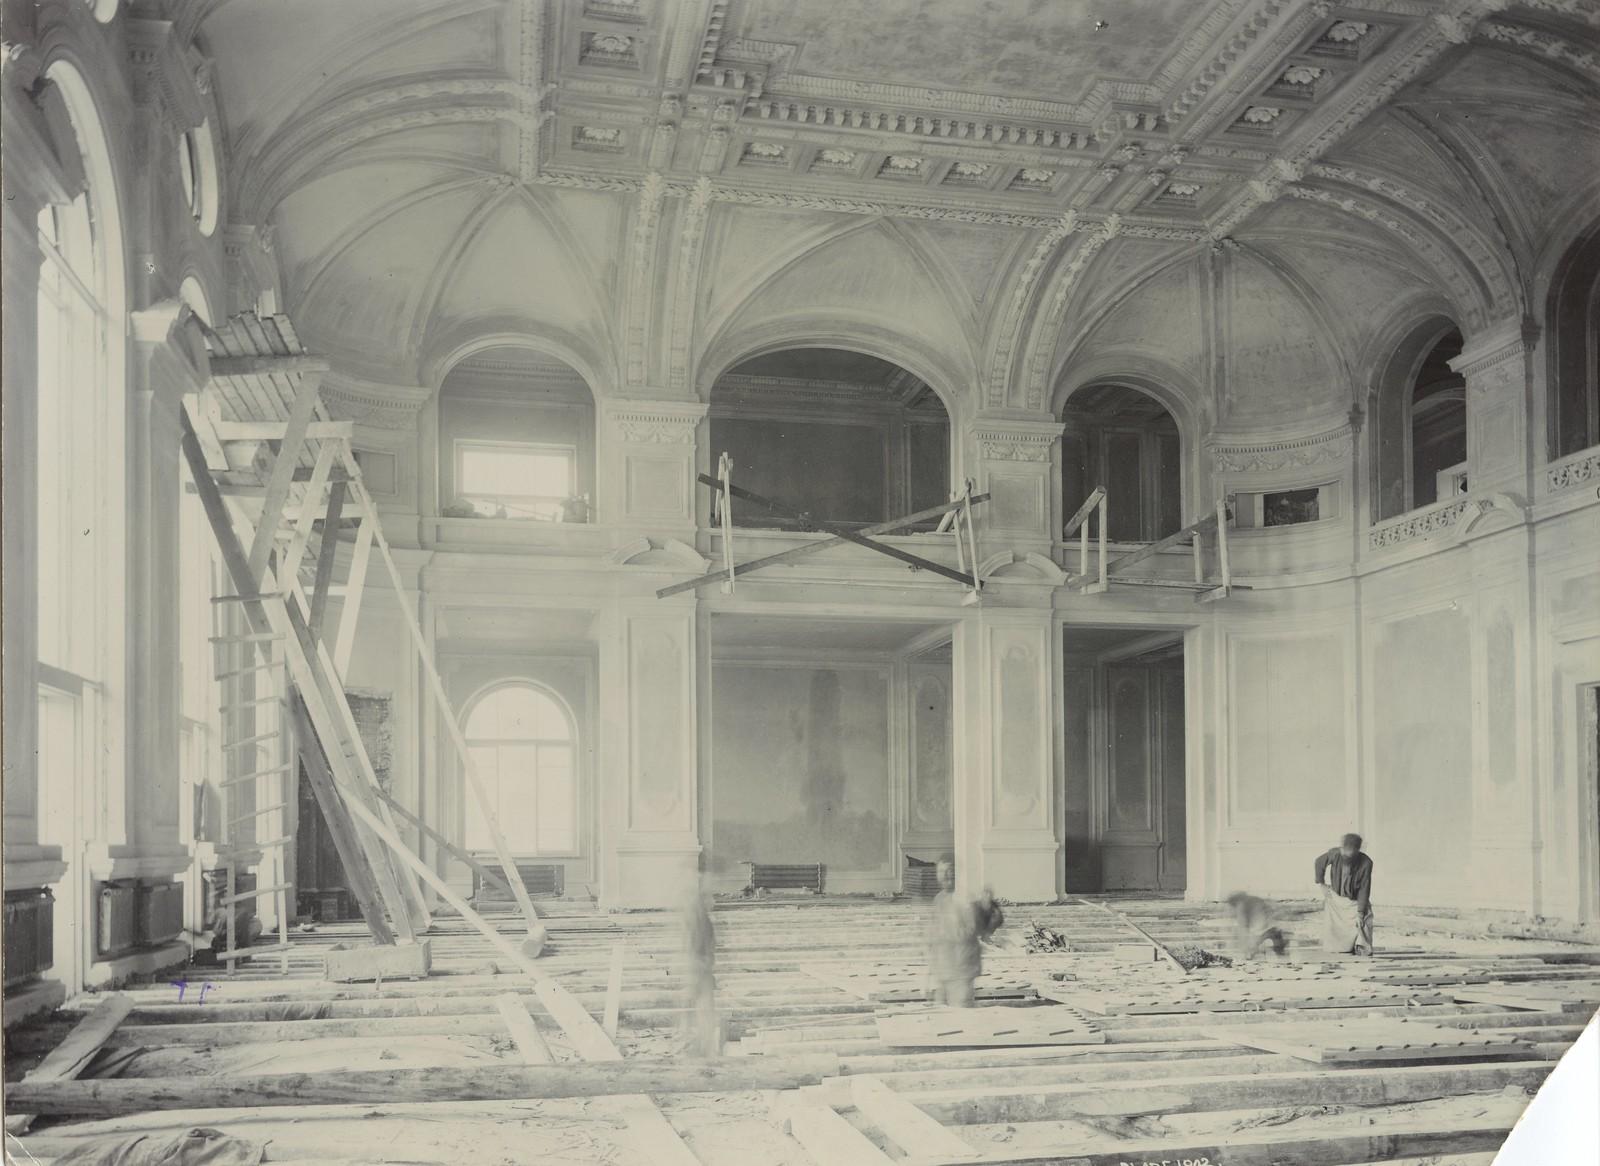 07. 1902. 4 сентября. Строительные работы в актовом зале